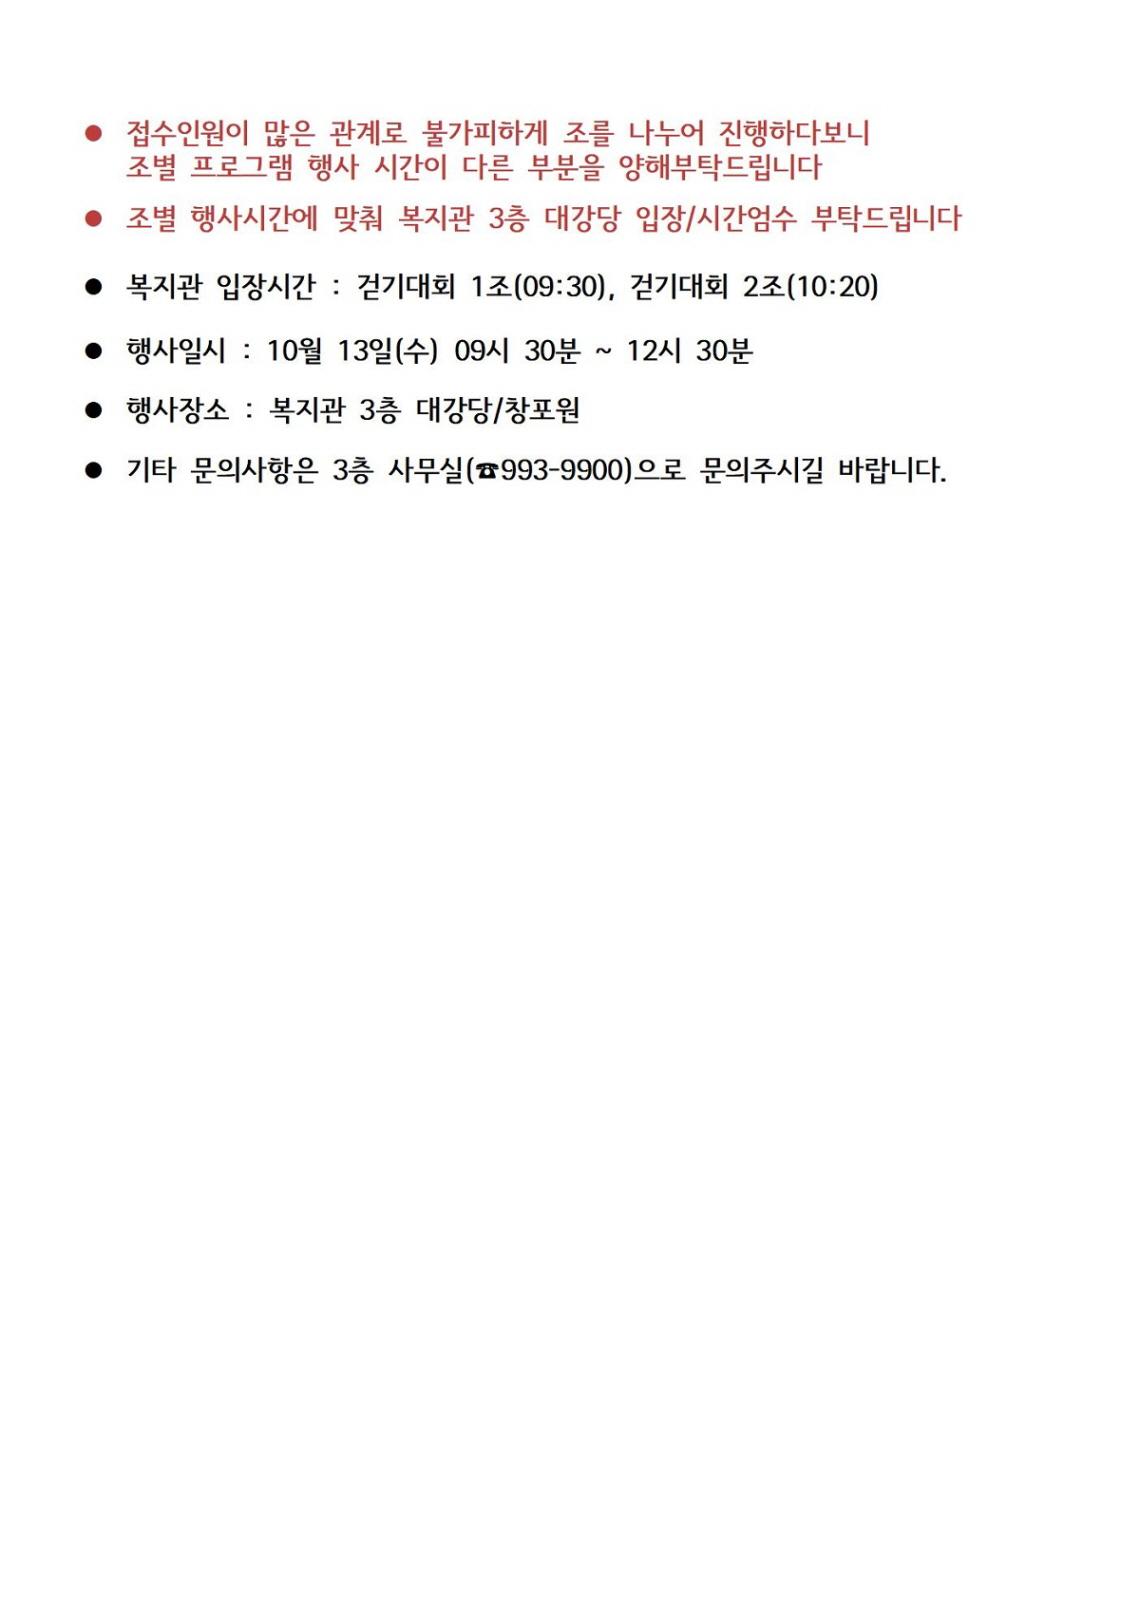 [홈페이지용]걷기대회(10.13오전)jpg003.jpg